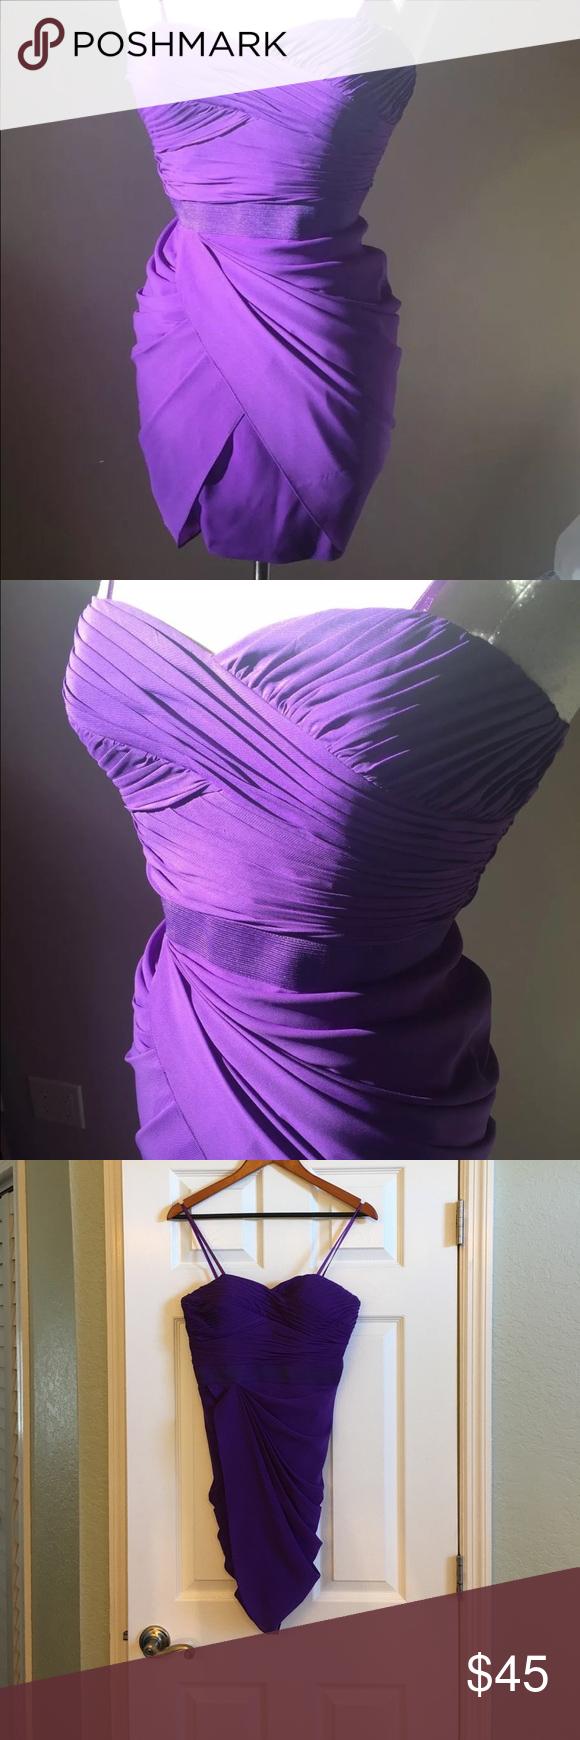 Asombroso Vestidos De Fiesta Aidan Mattox Composición - Vestido de ...